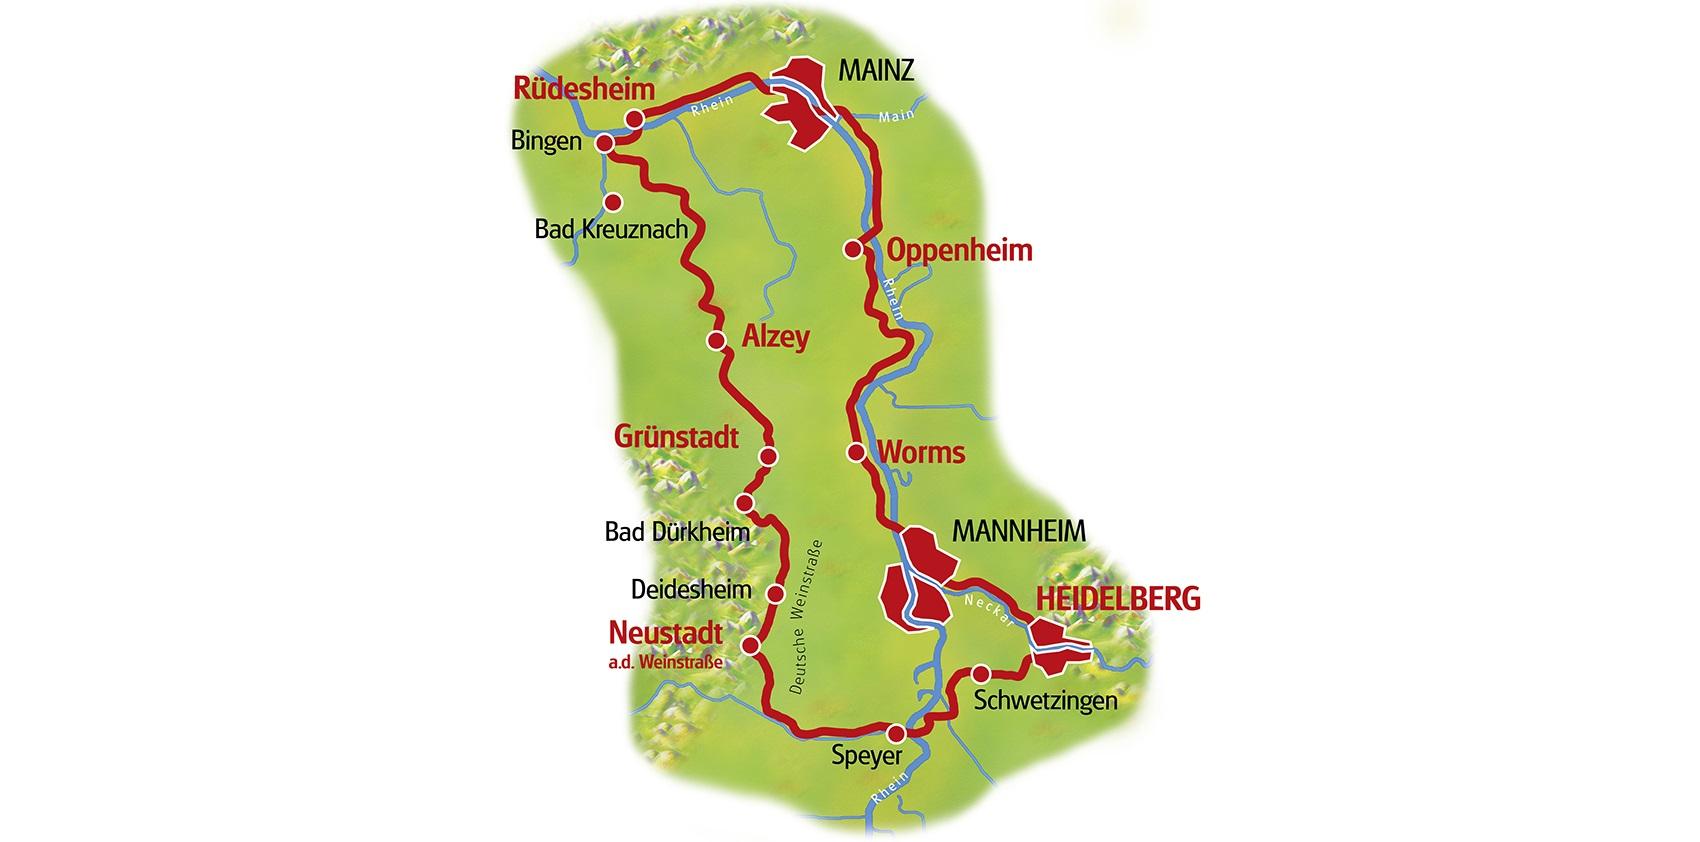 Neckarradweg Karte.Rhein Rad Rundtour Entlang Der Dom Städte Mainz Und Worms Ab Worms